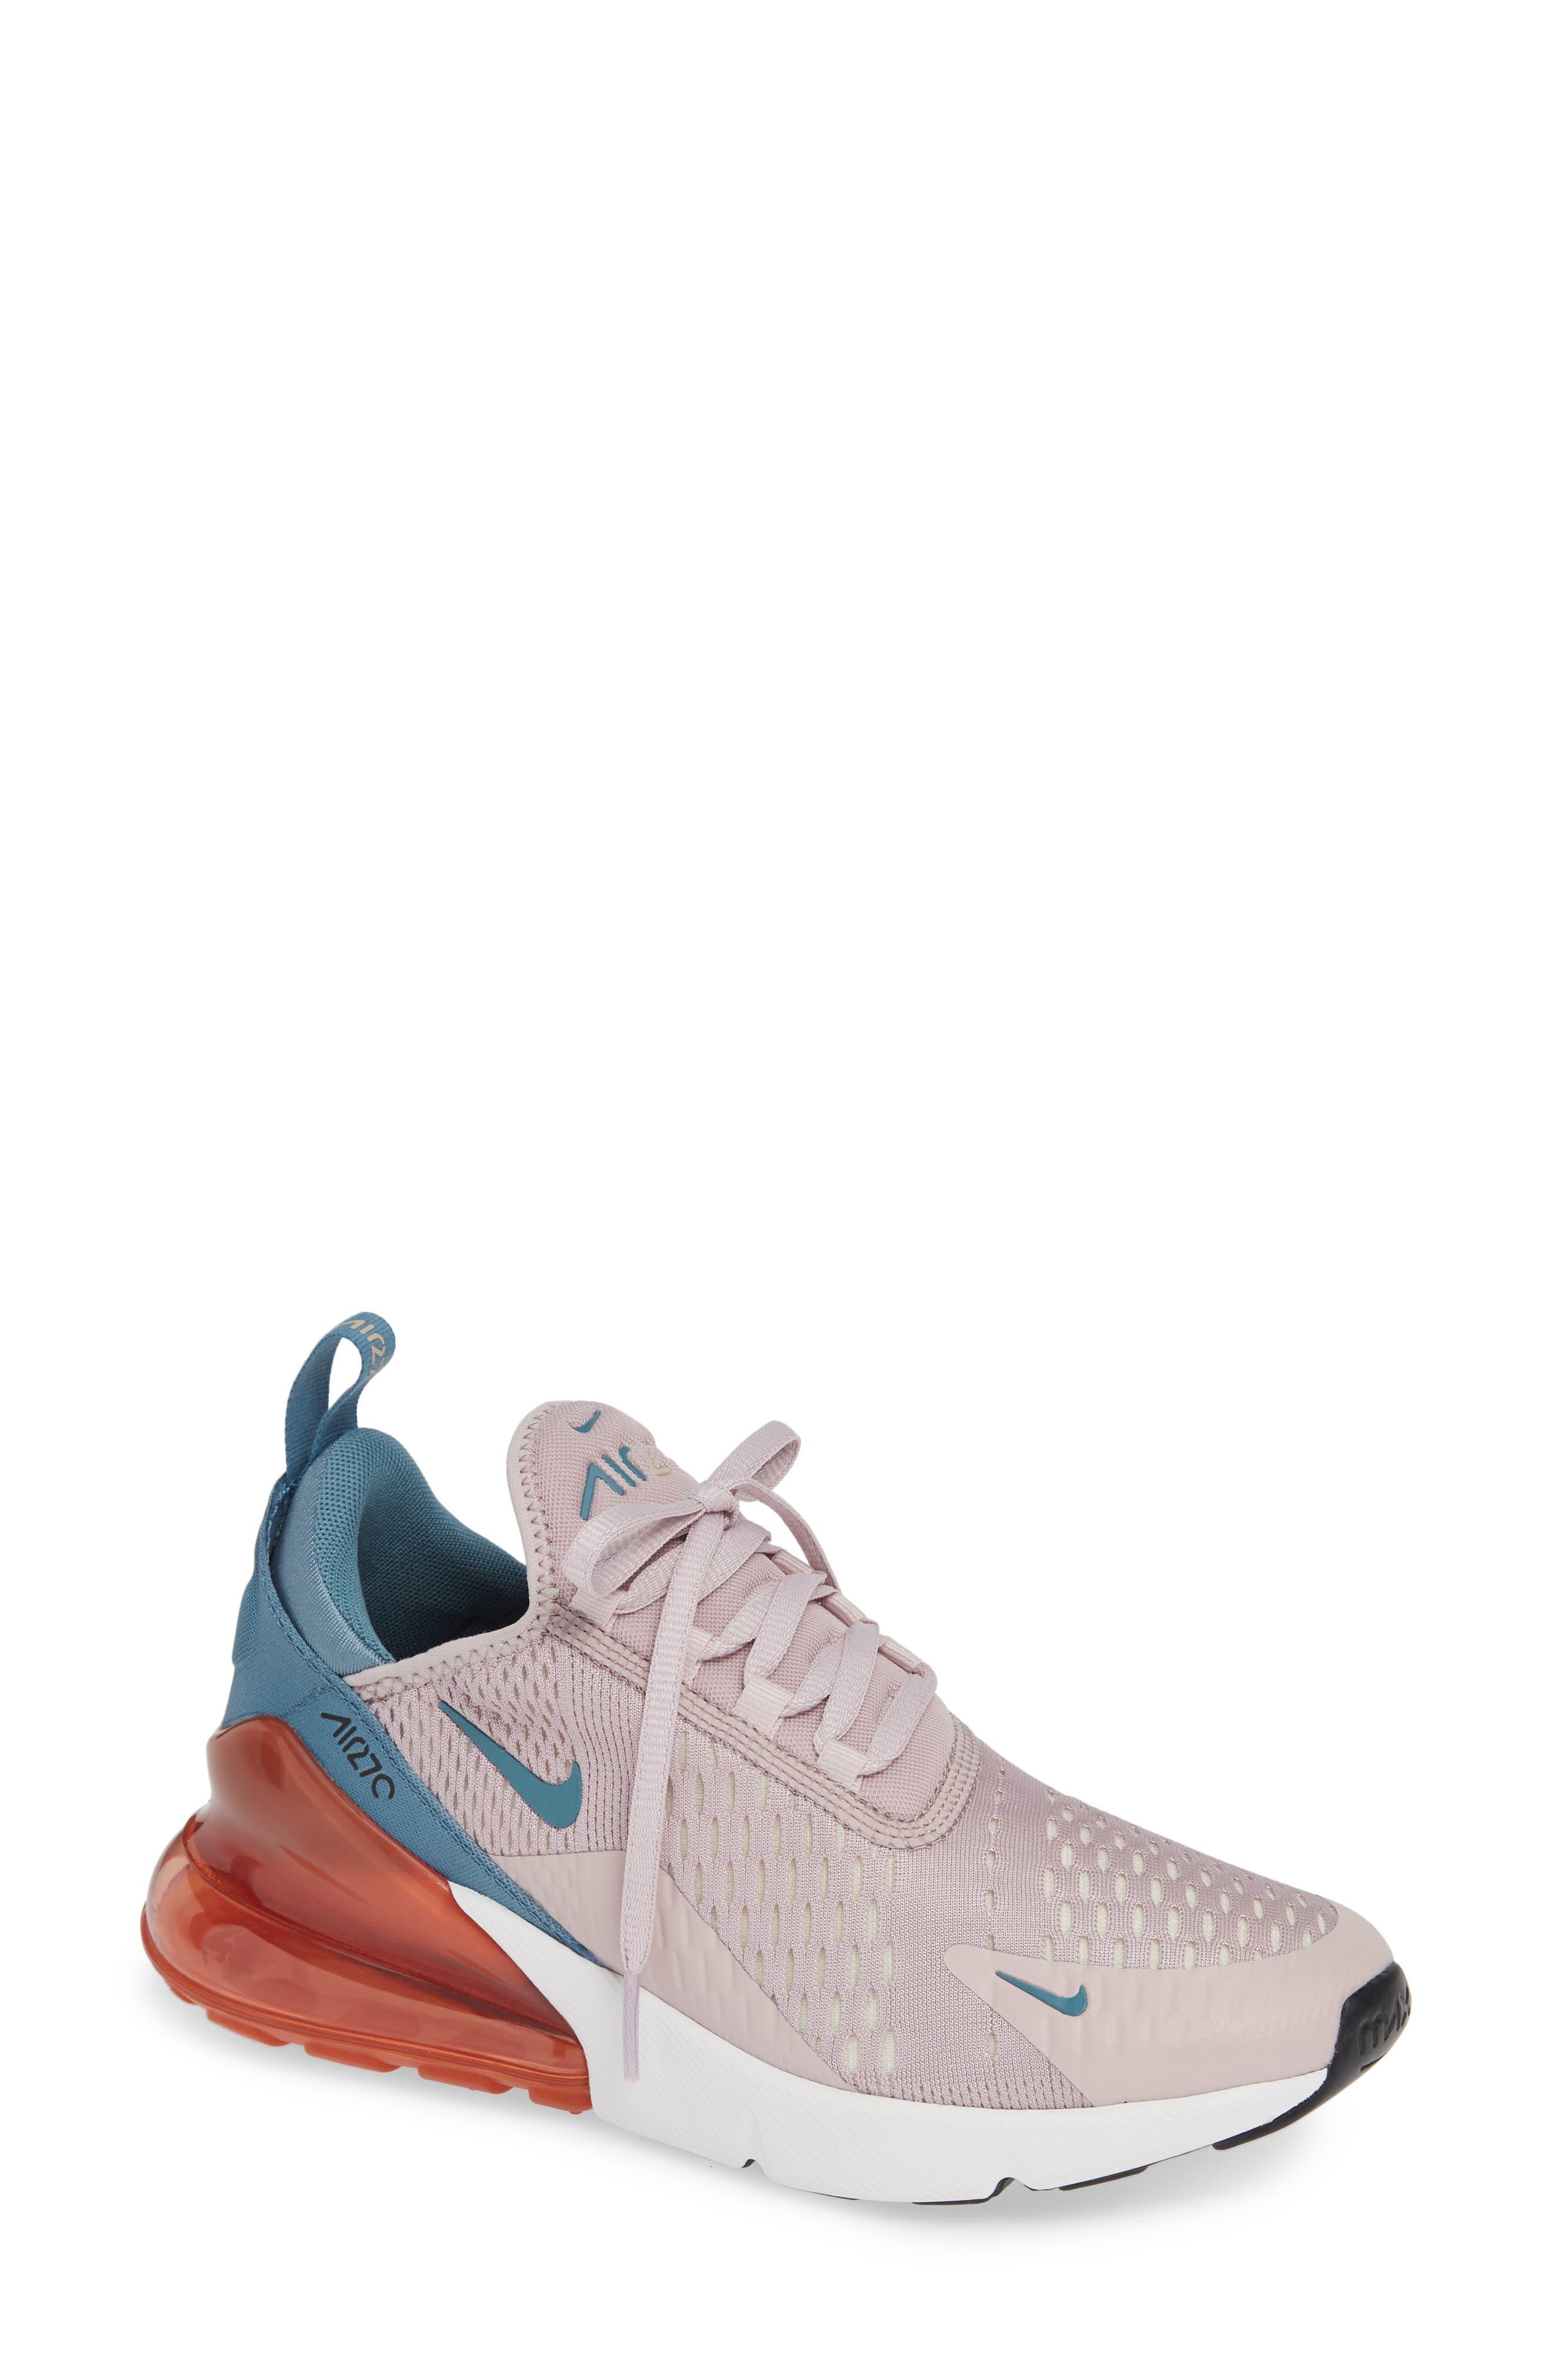 Air Max 270 Premium Sneaker, Main, color, PARTICLE ROSE/ CELESTIAL TEAL